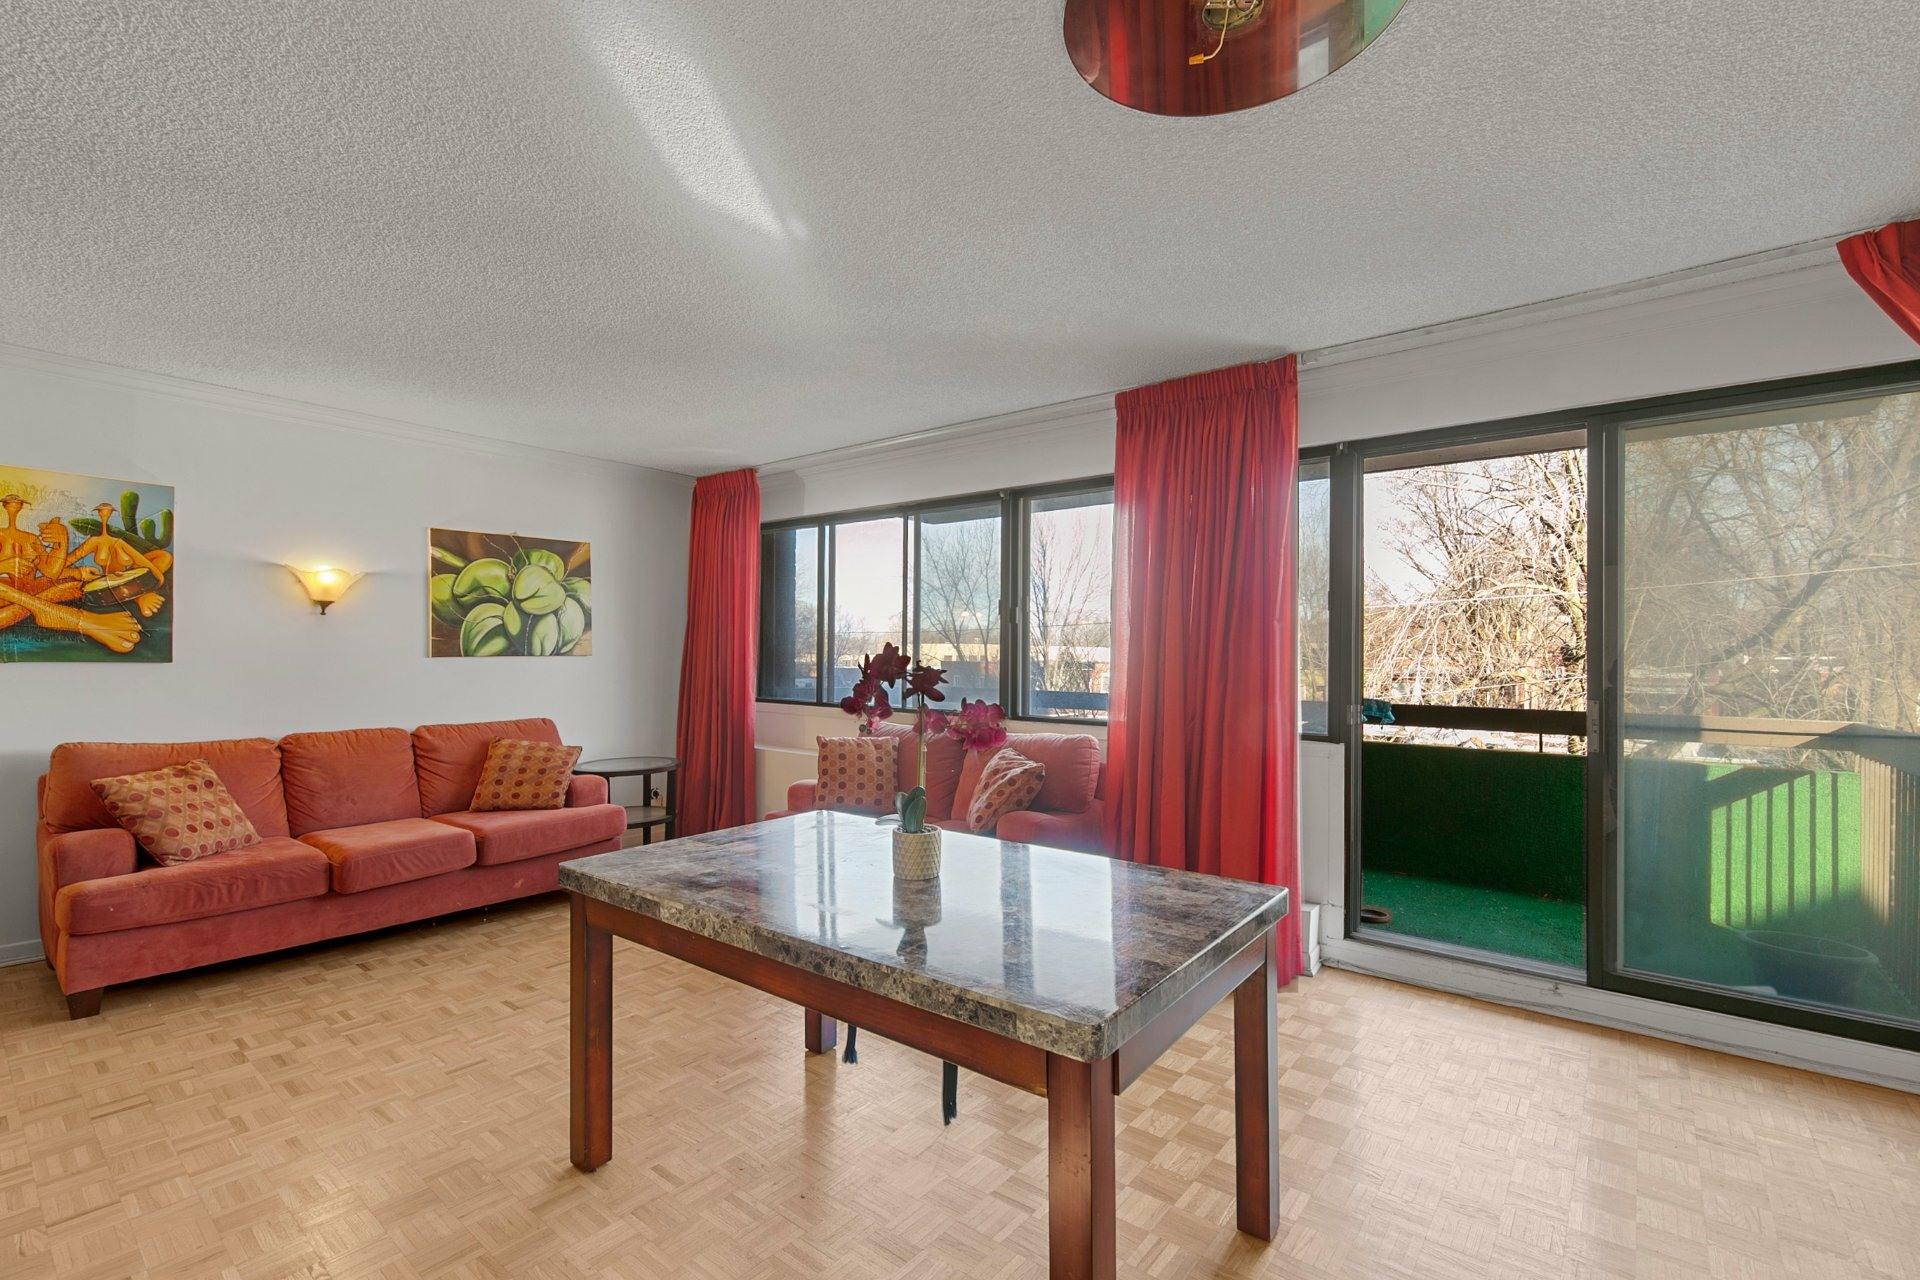 image 4 - Apartment For sale Côte-Saint-Luc - 5 rooms